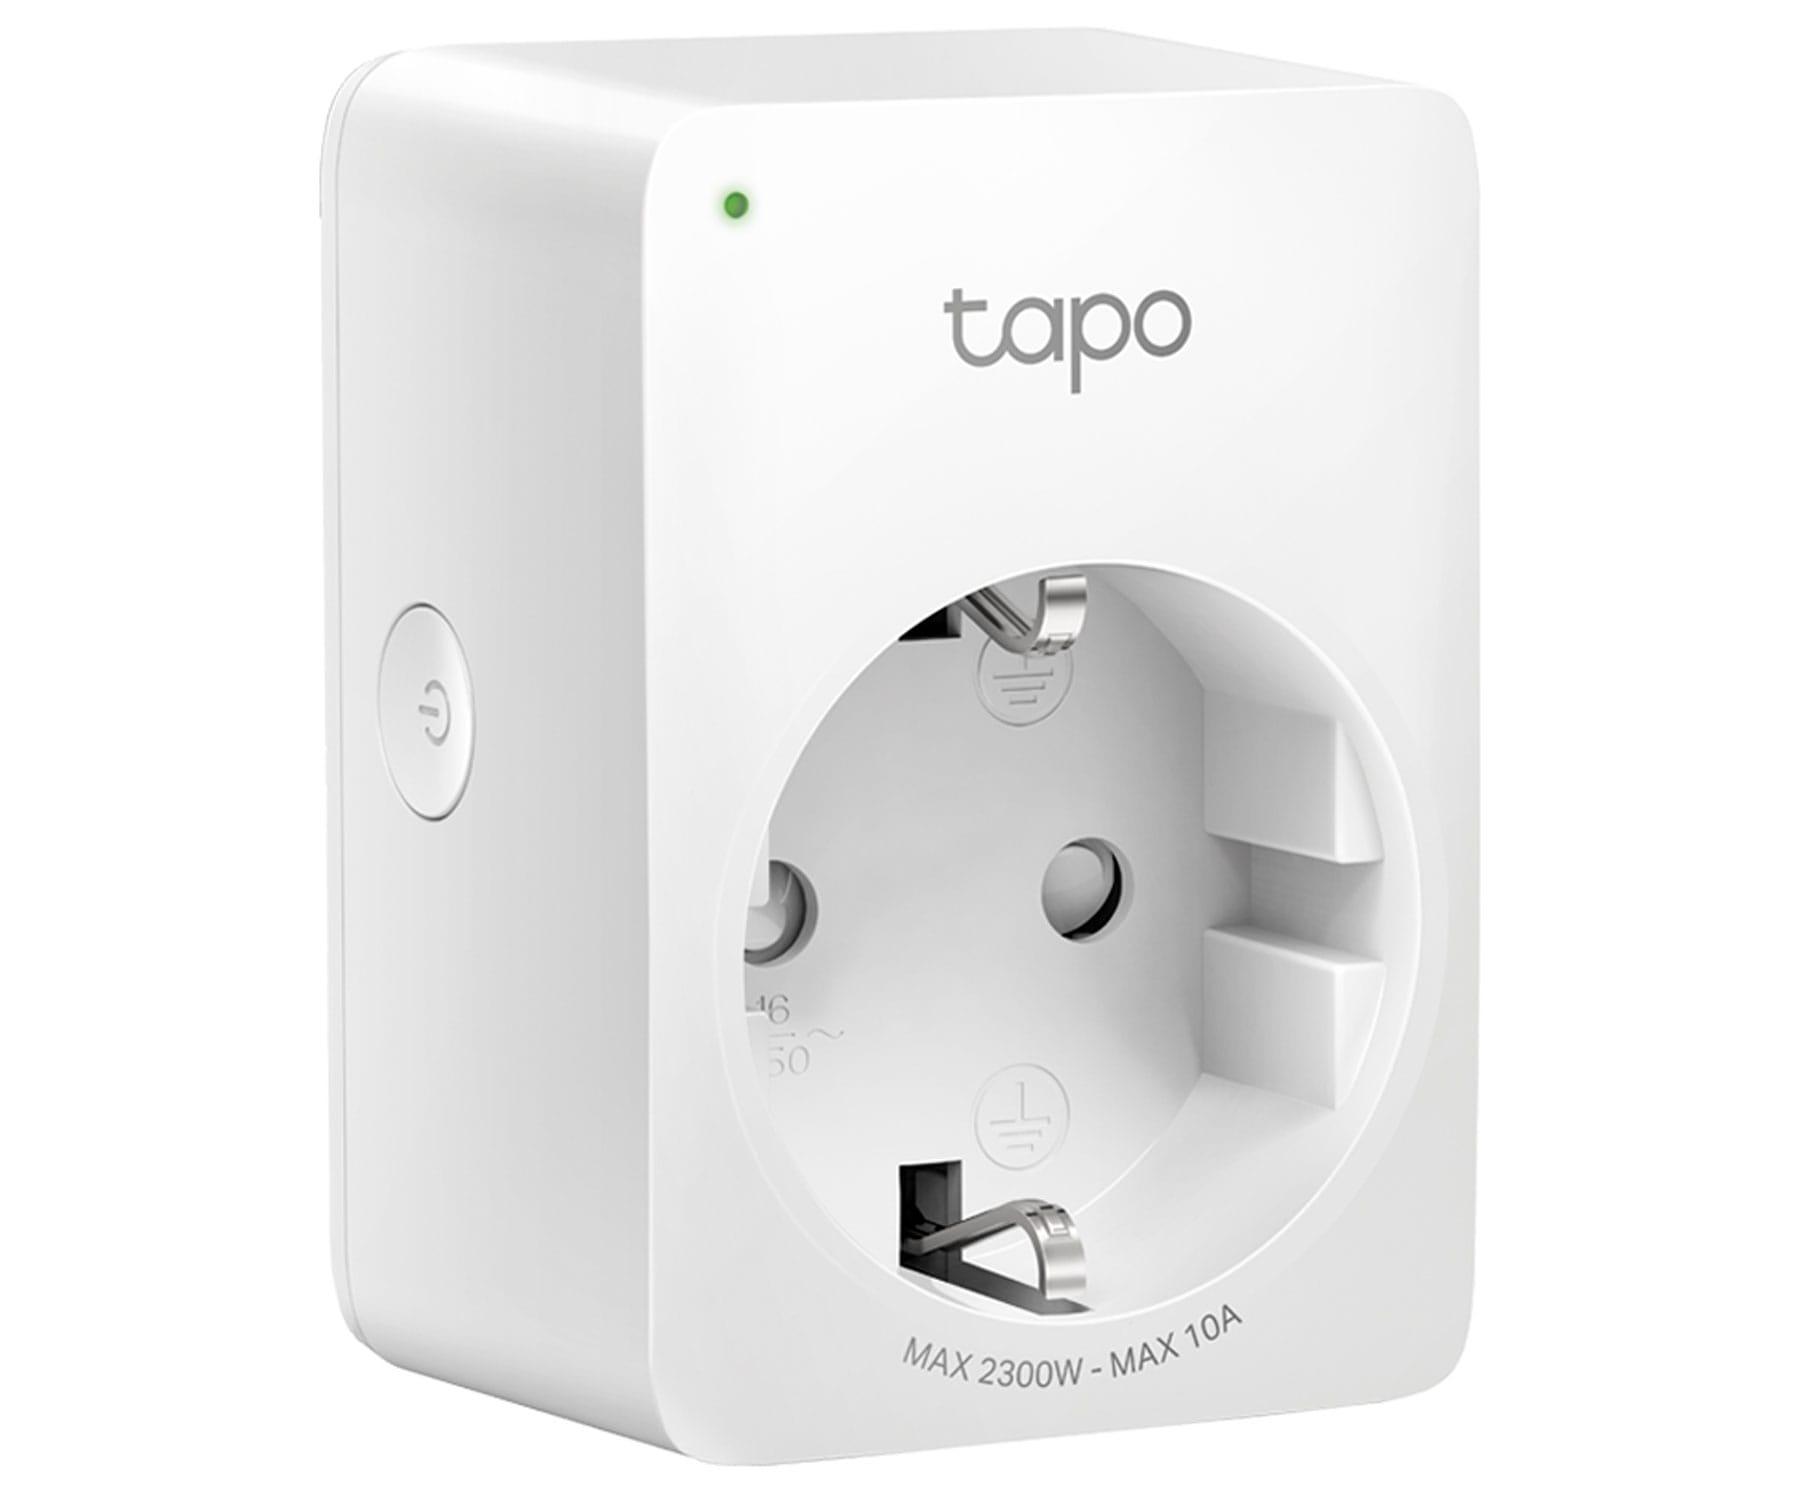 TP-LINK TAPO P100 ENCHUFE INTELIGENTE WIFI CONTROL REMOTO PROGRAMACIÓN TEMPORIZADOR